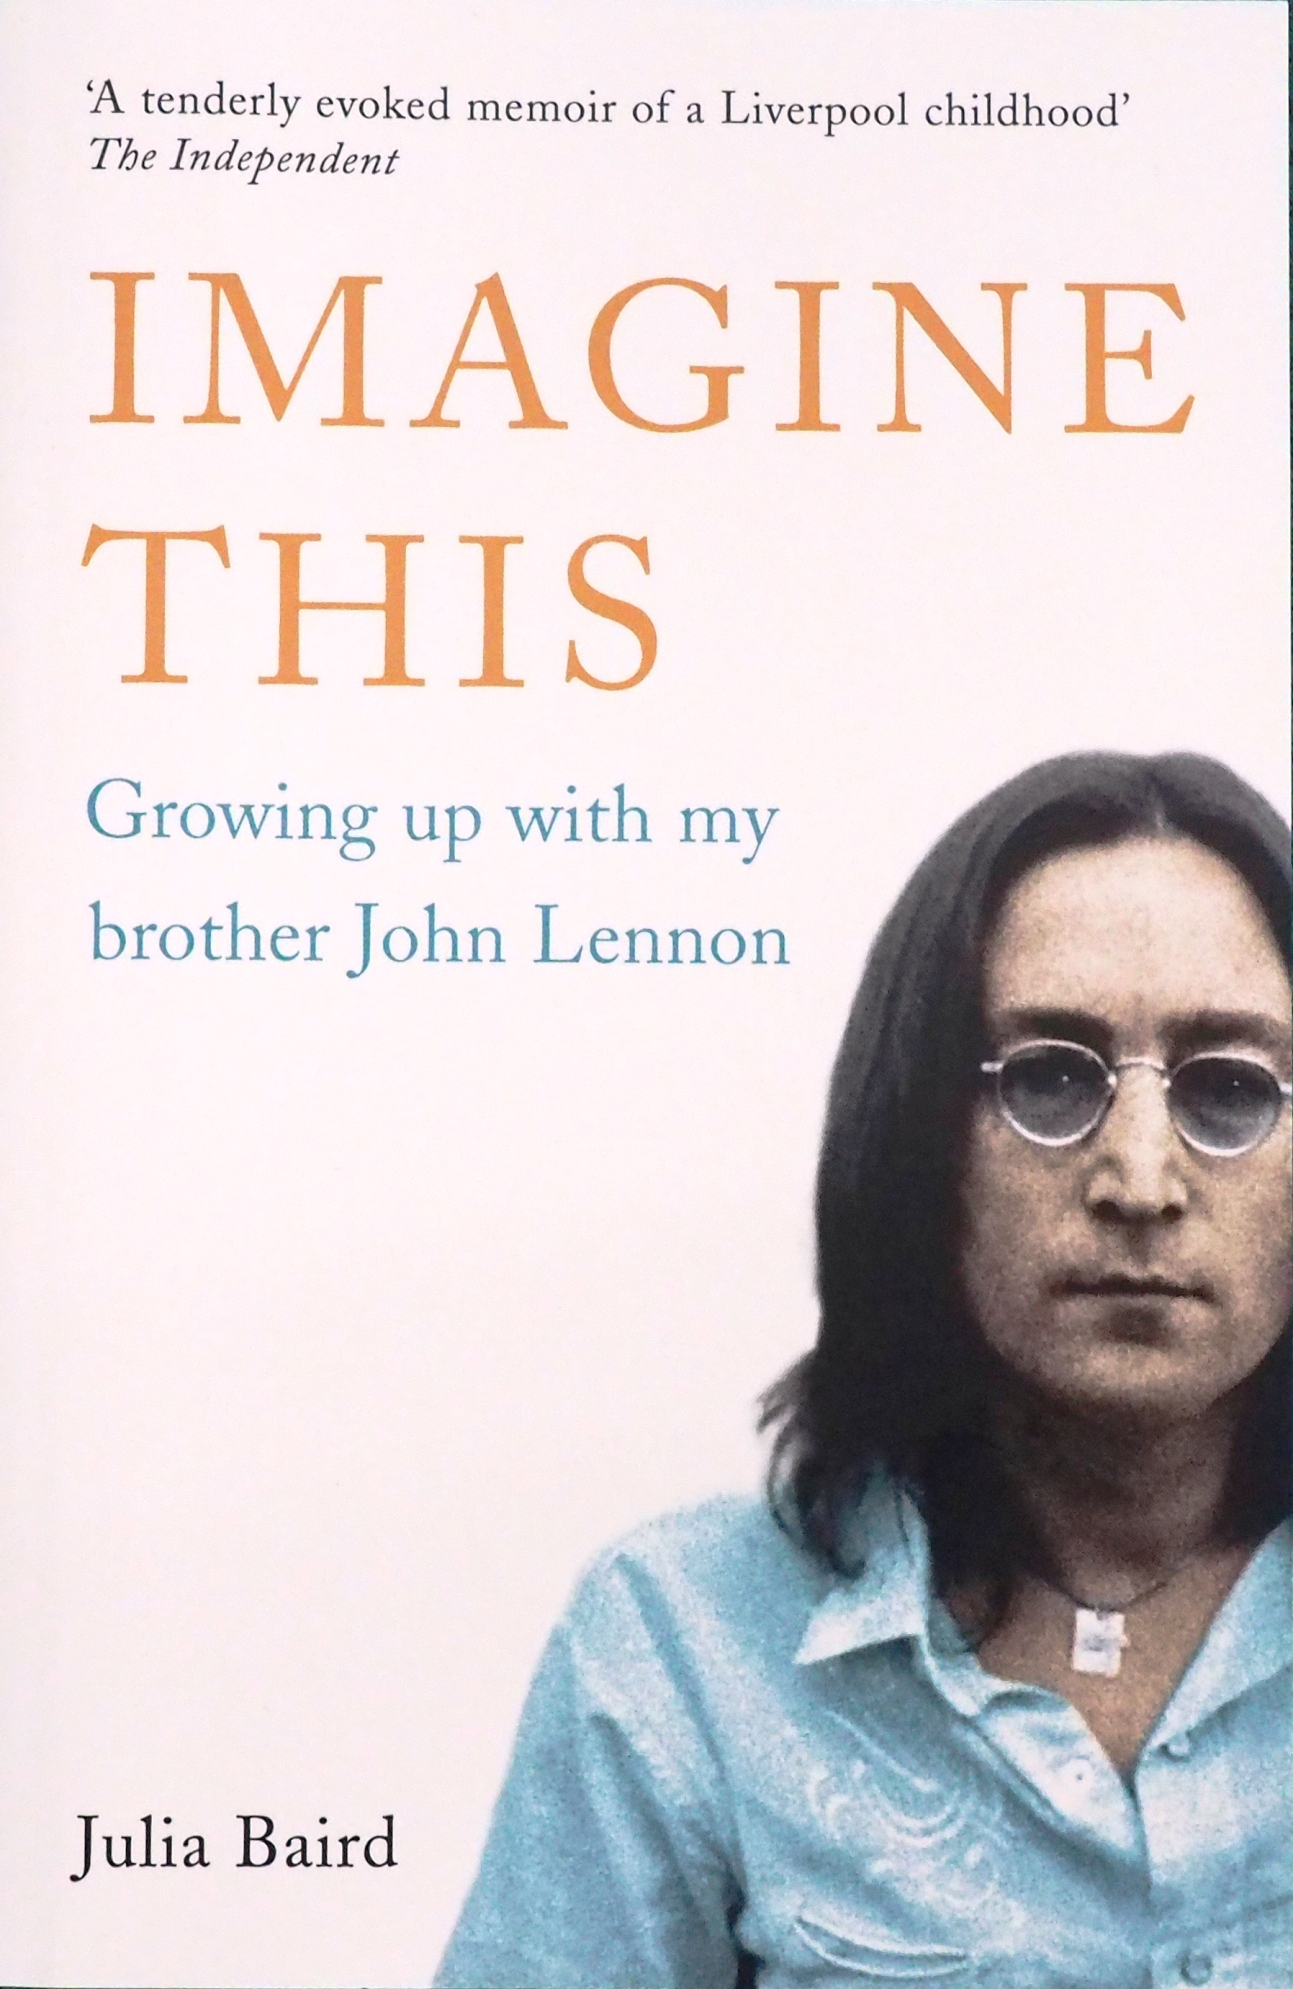 ジュリア・ベアードさんの著書「IMAGINE THIS」(イマジン・ジス〜兄のジョン・レノンと一緒に育って)